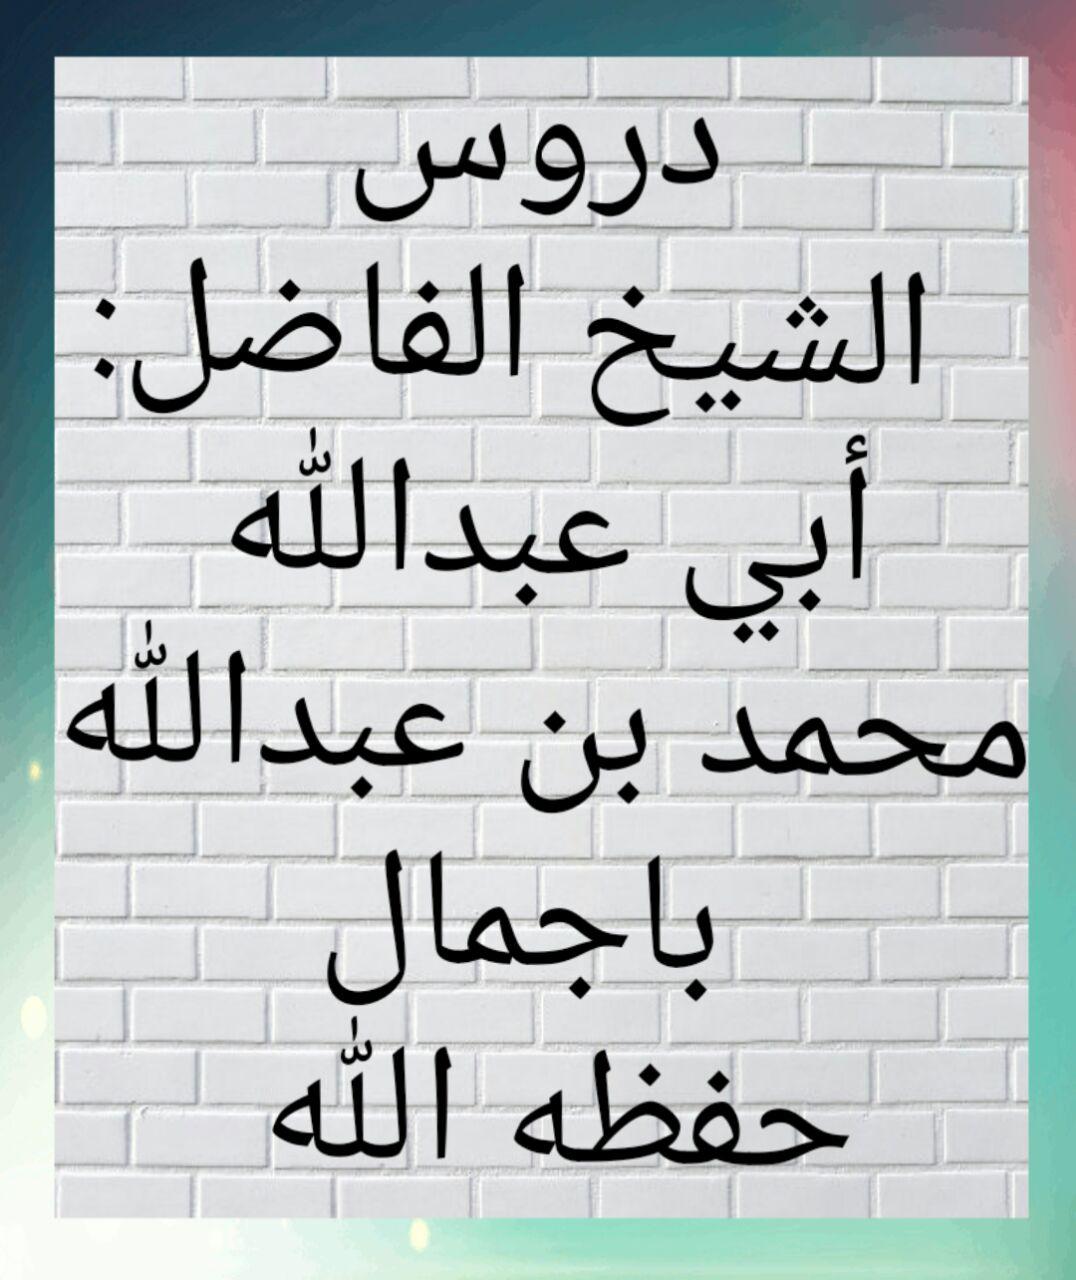 دروس الشيخ محمد باجمال